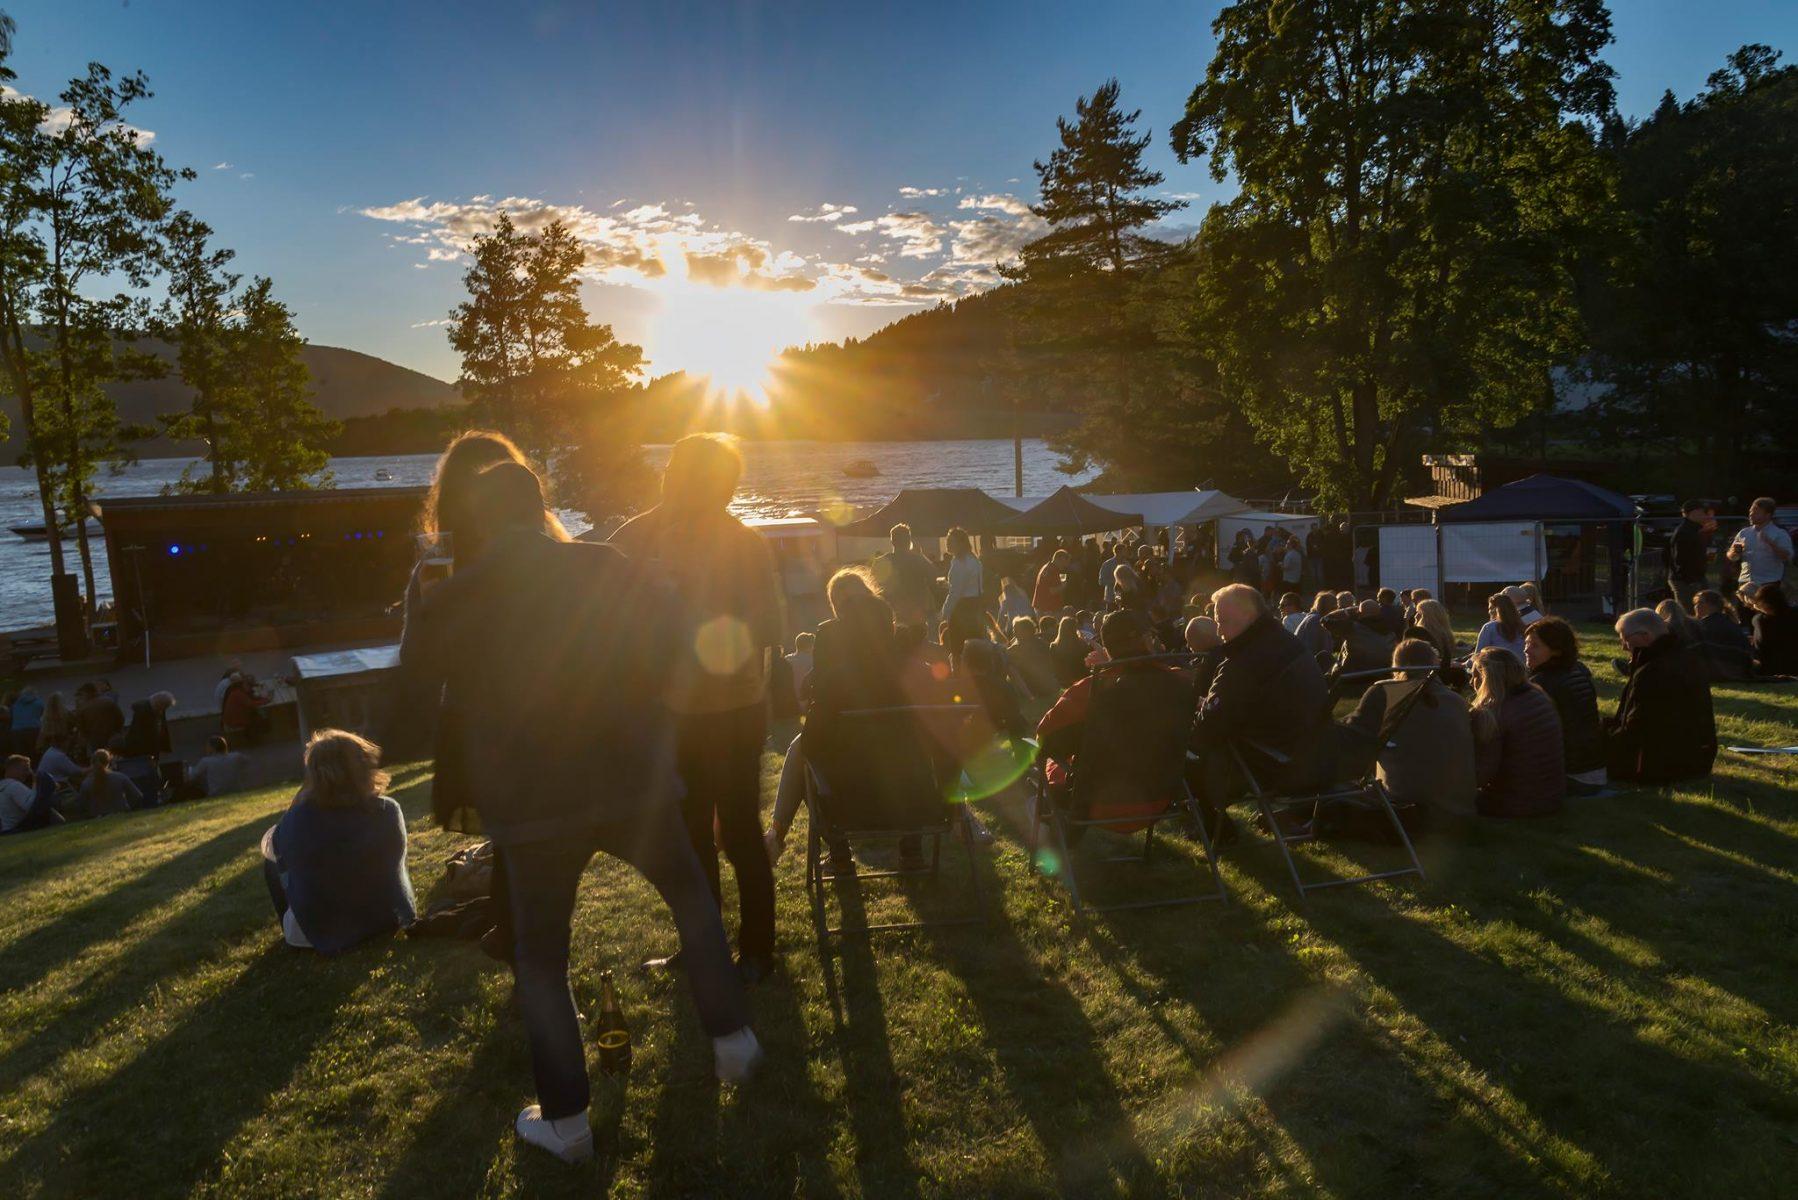 eidsfossfestivalen 2017